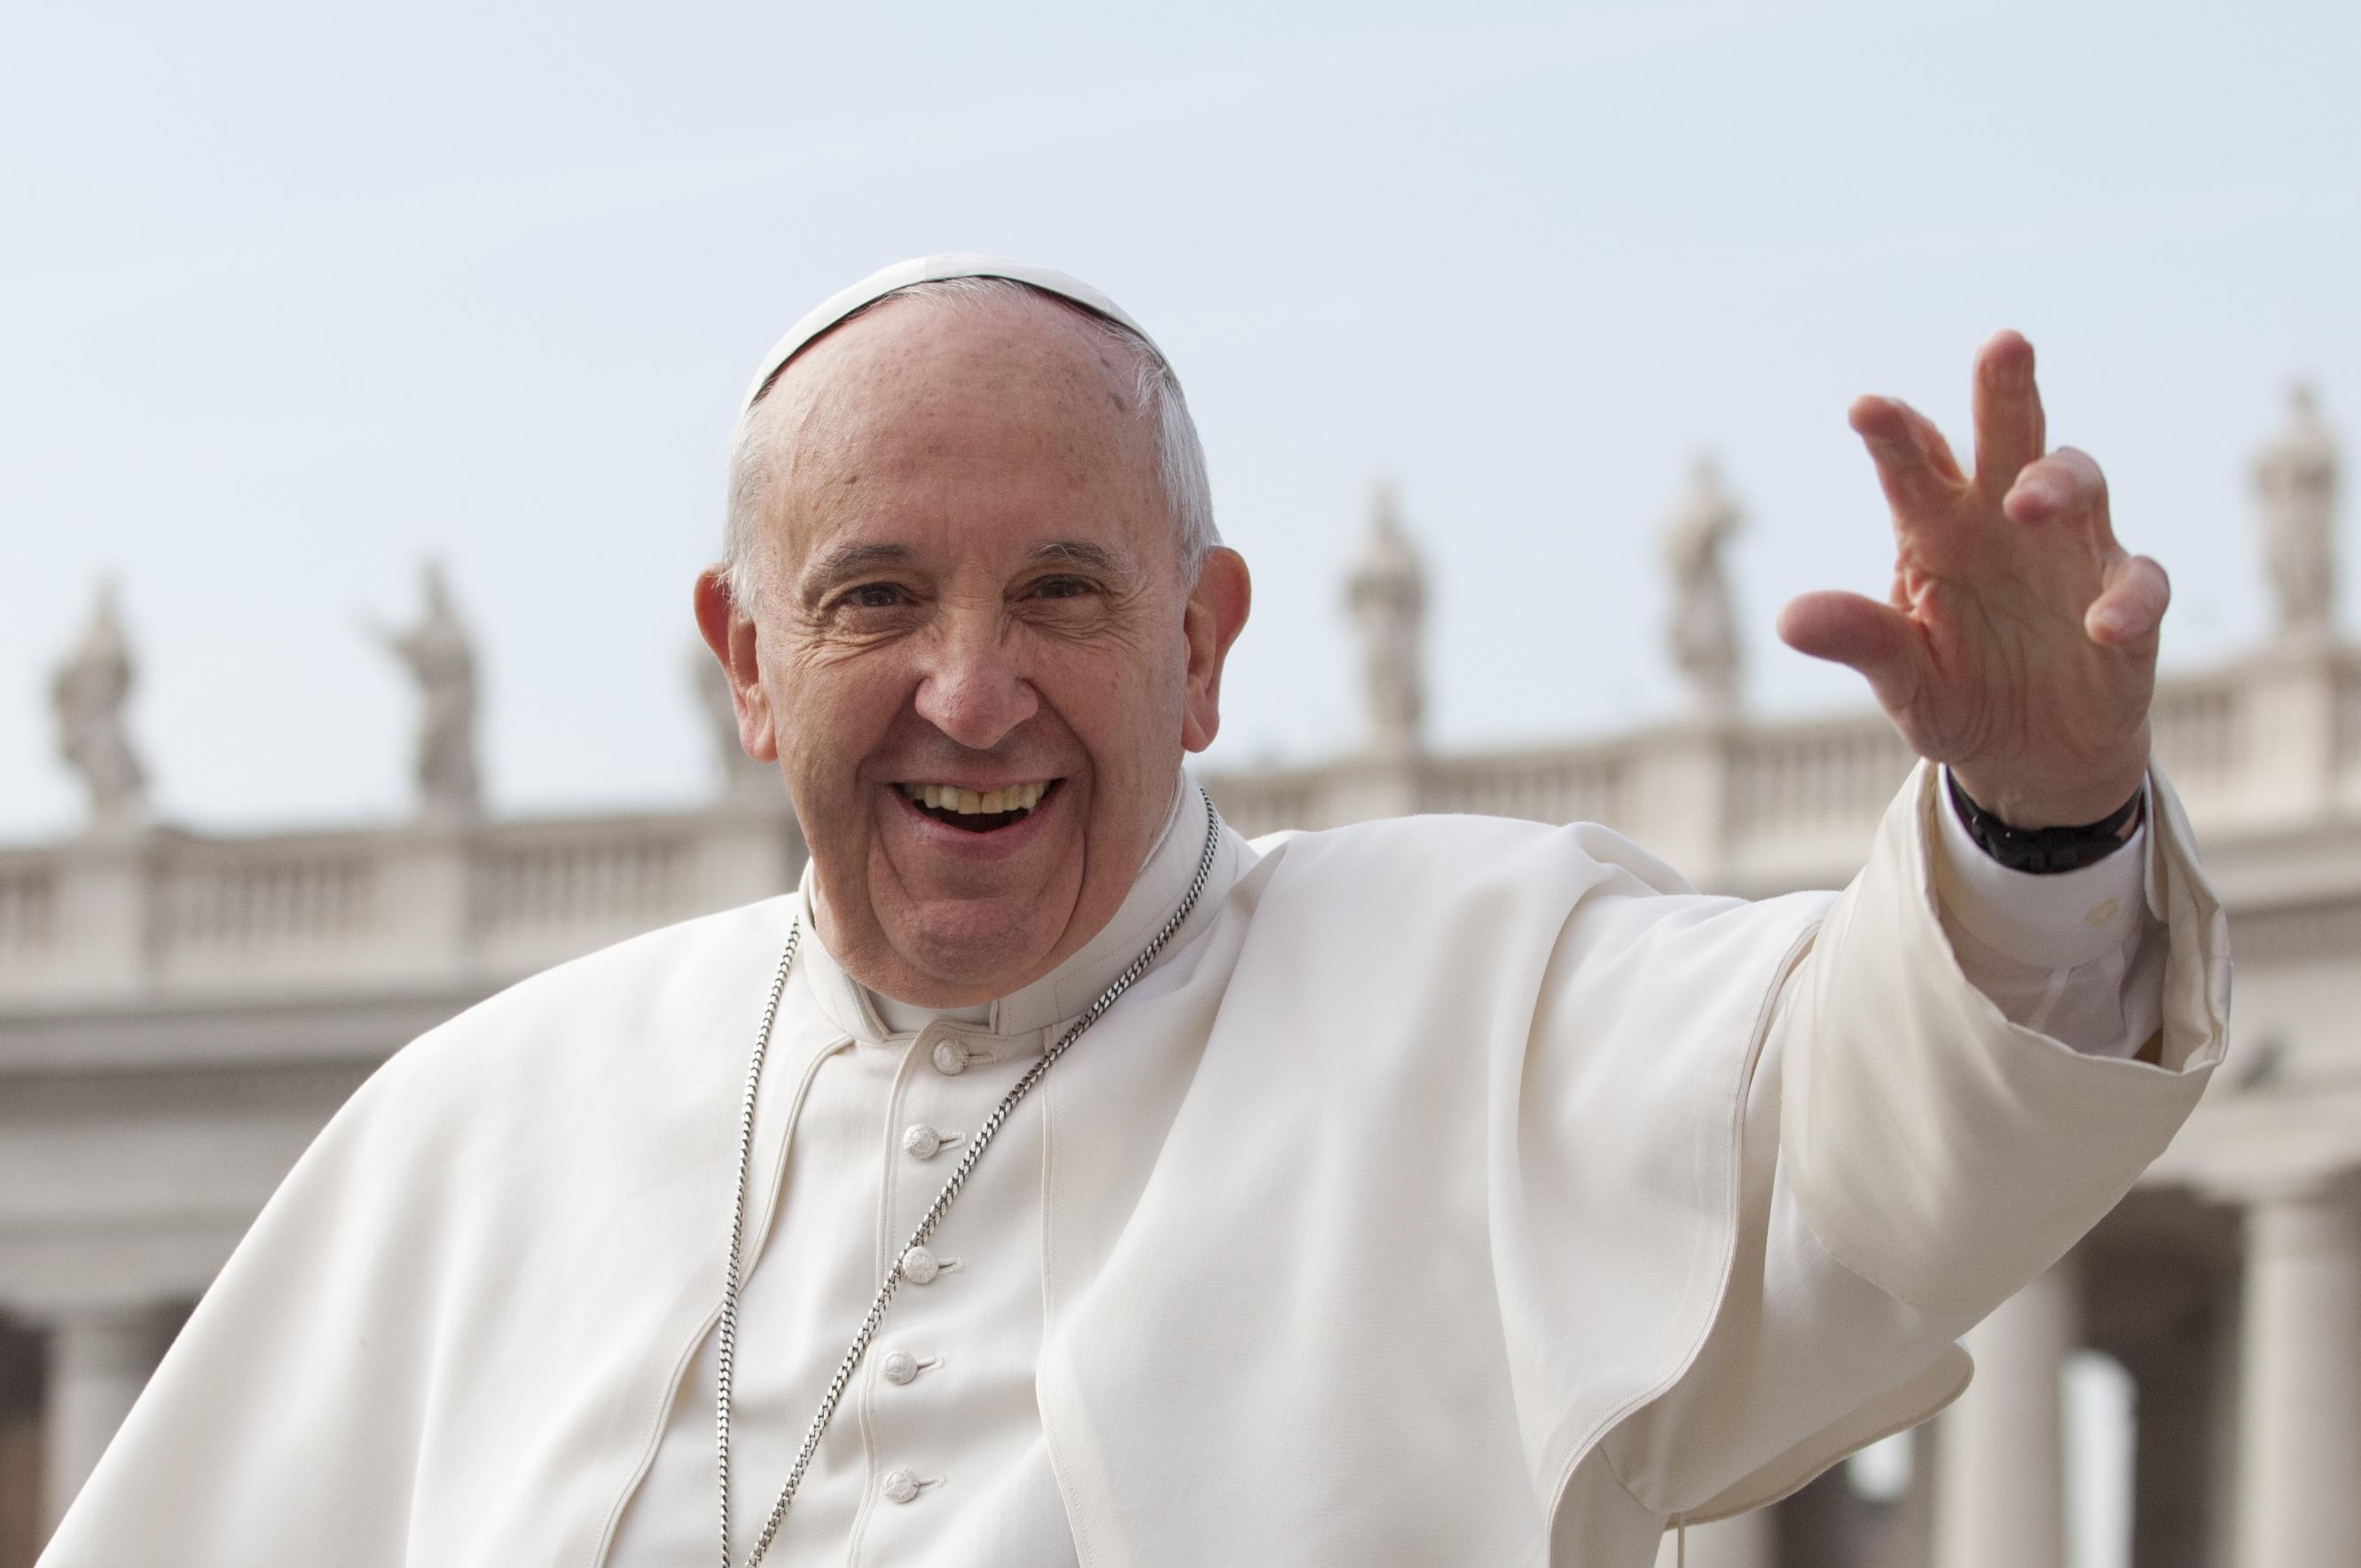 Risultati immagini per foto del papa francesco